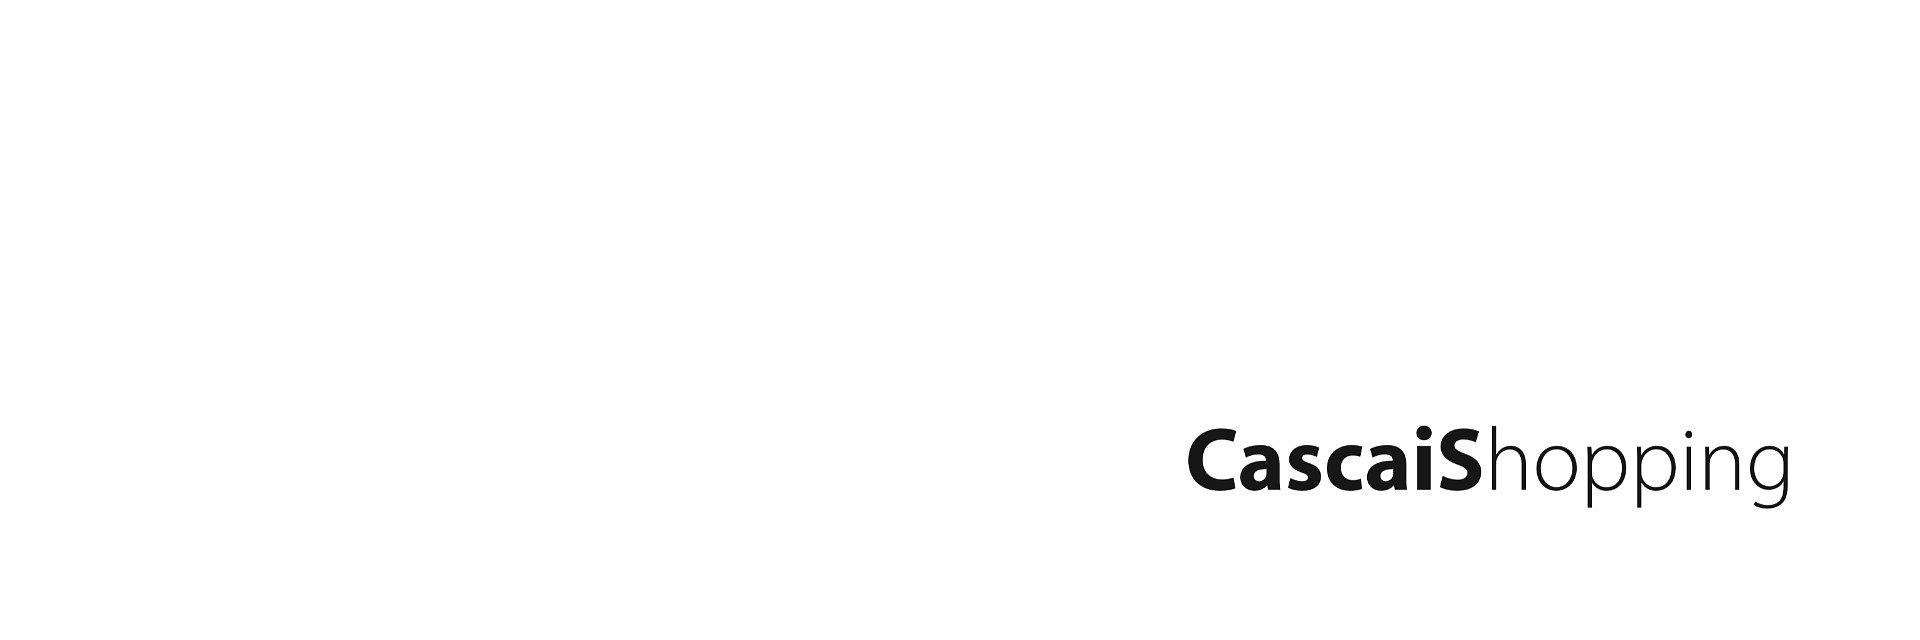 CascaiShopping renova-se para inspirar visitantes e lojistas